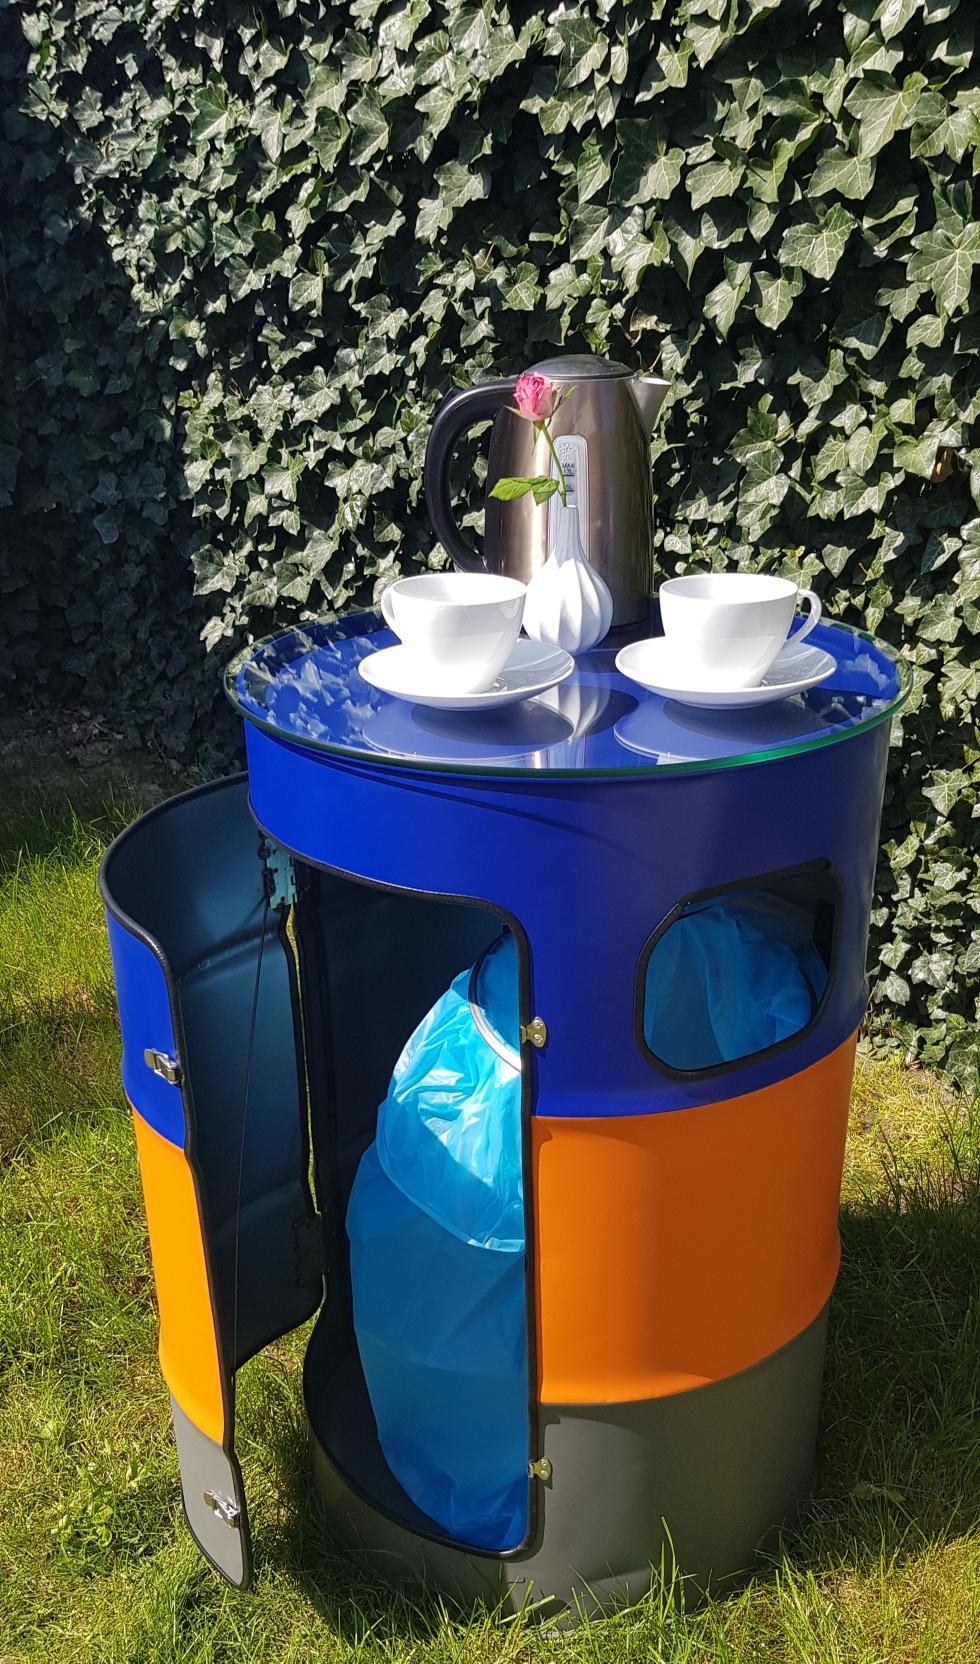 Kaffeetisch mit Mülleinwurf aus einem Ölfass recycelt. Der Müllsack wird durch eine integrierte Halterung ausgewechselt. Außen ist es ein schicker Kaffeetisch mit einer Glasplatte